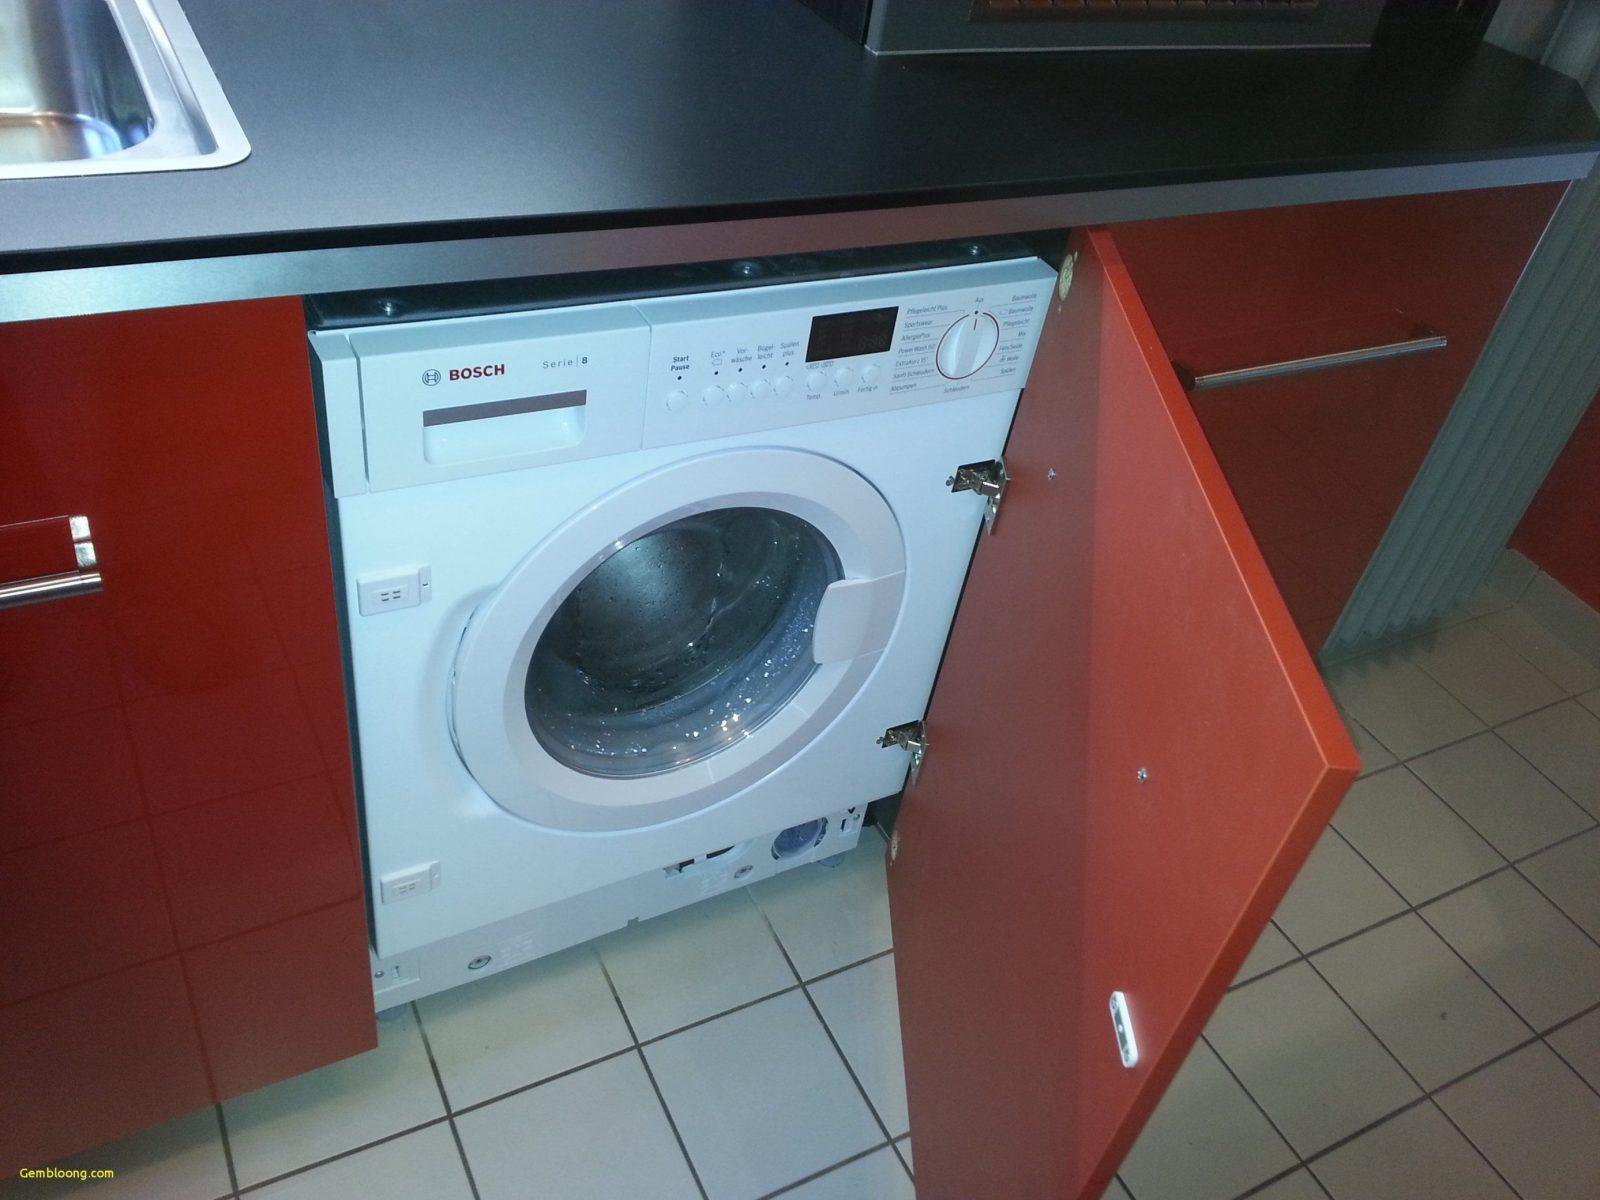 Waschmaschine In Der Küche Verstecken   Waschmaschine In ...